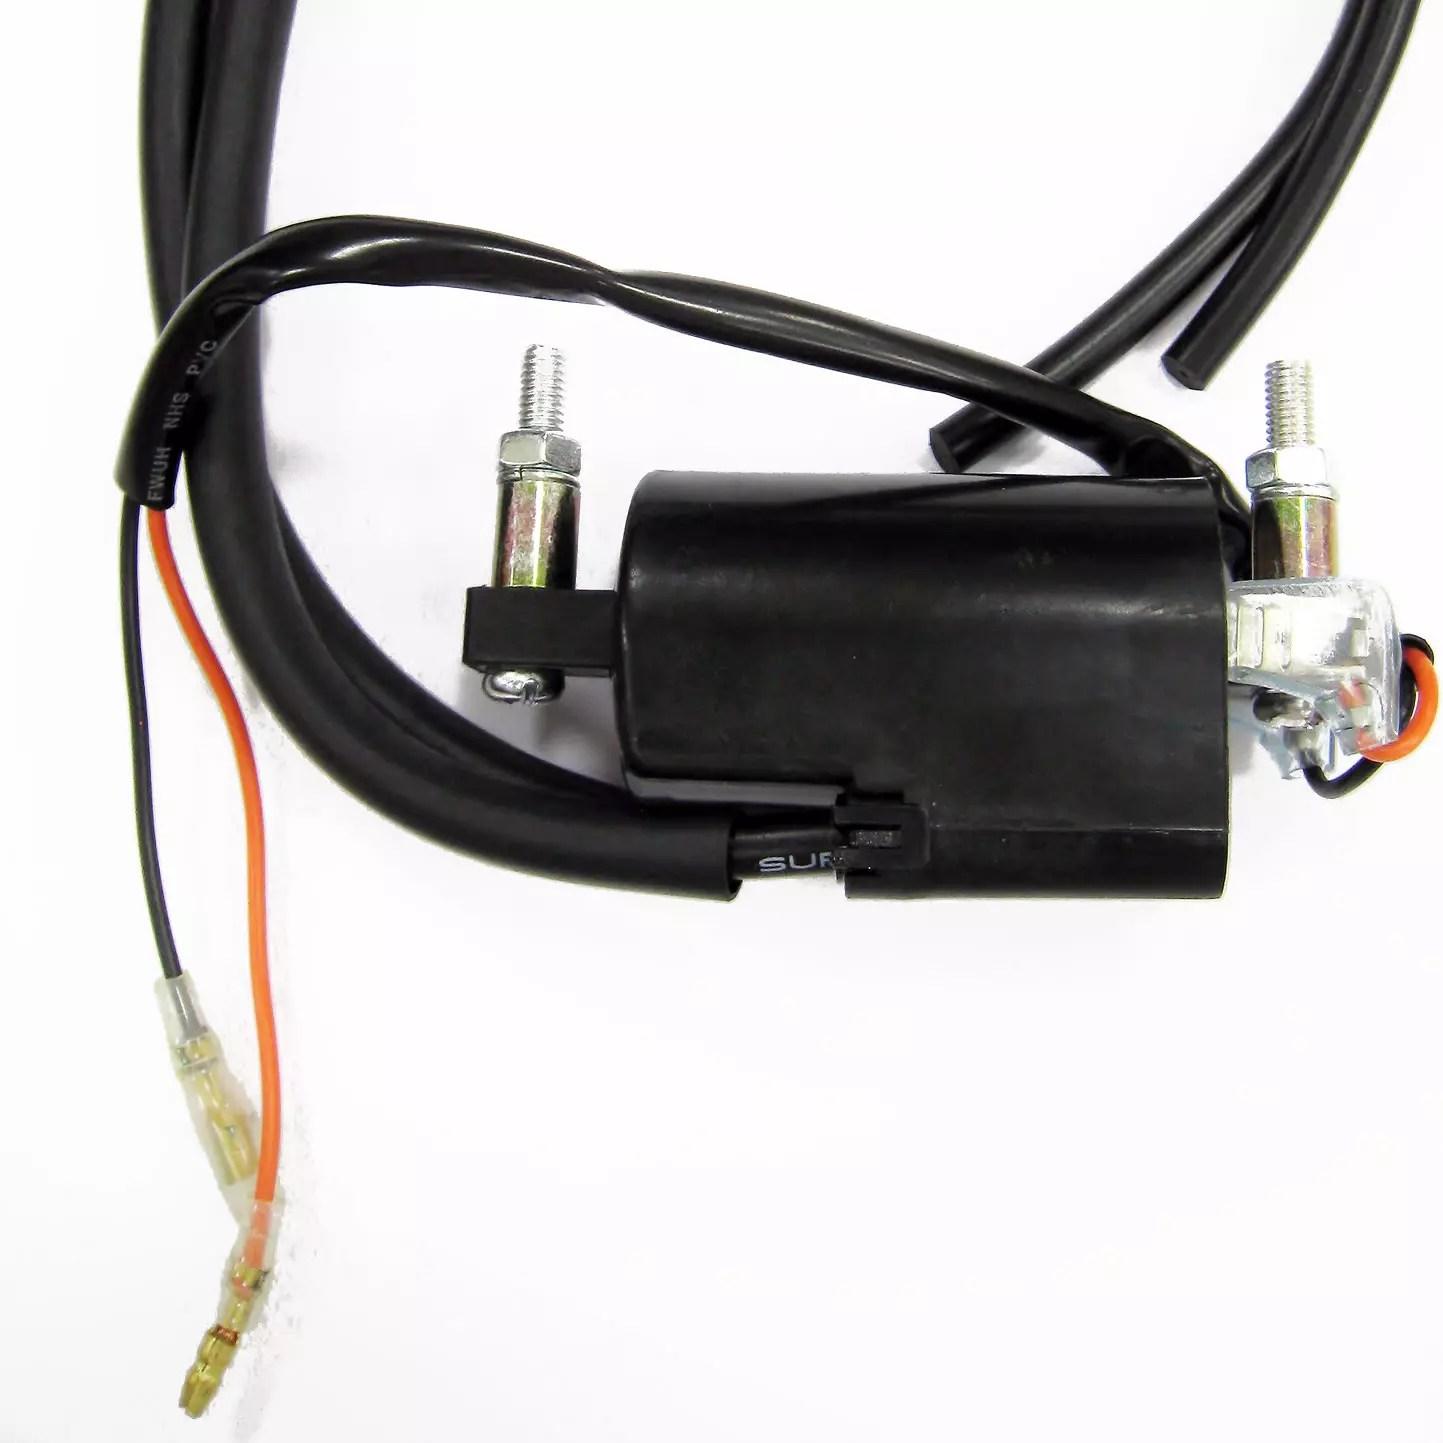 hight resolution of suzuki gx550 33420 45020 ignition coil automotive ignition coilsuzuki coil wiring 12